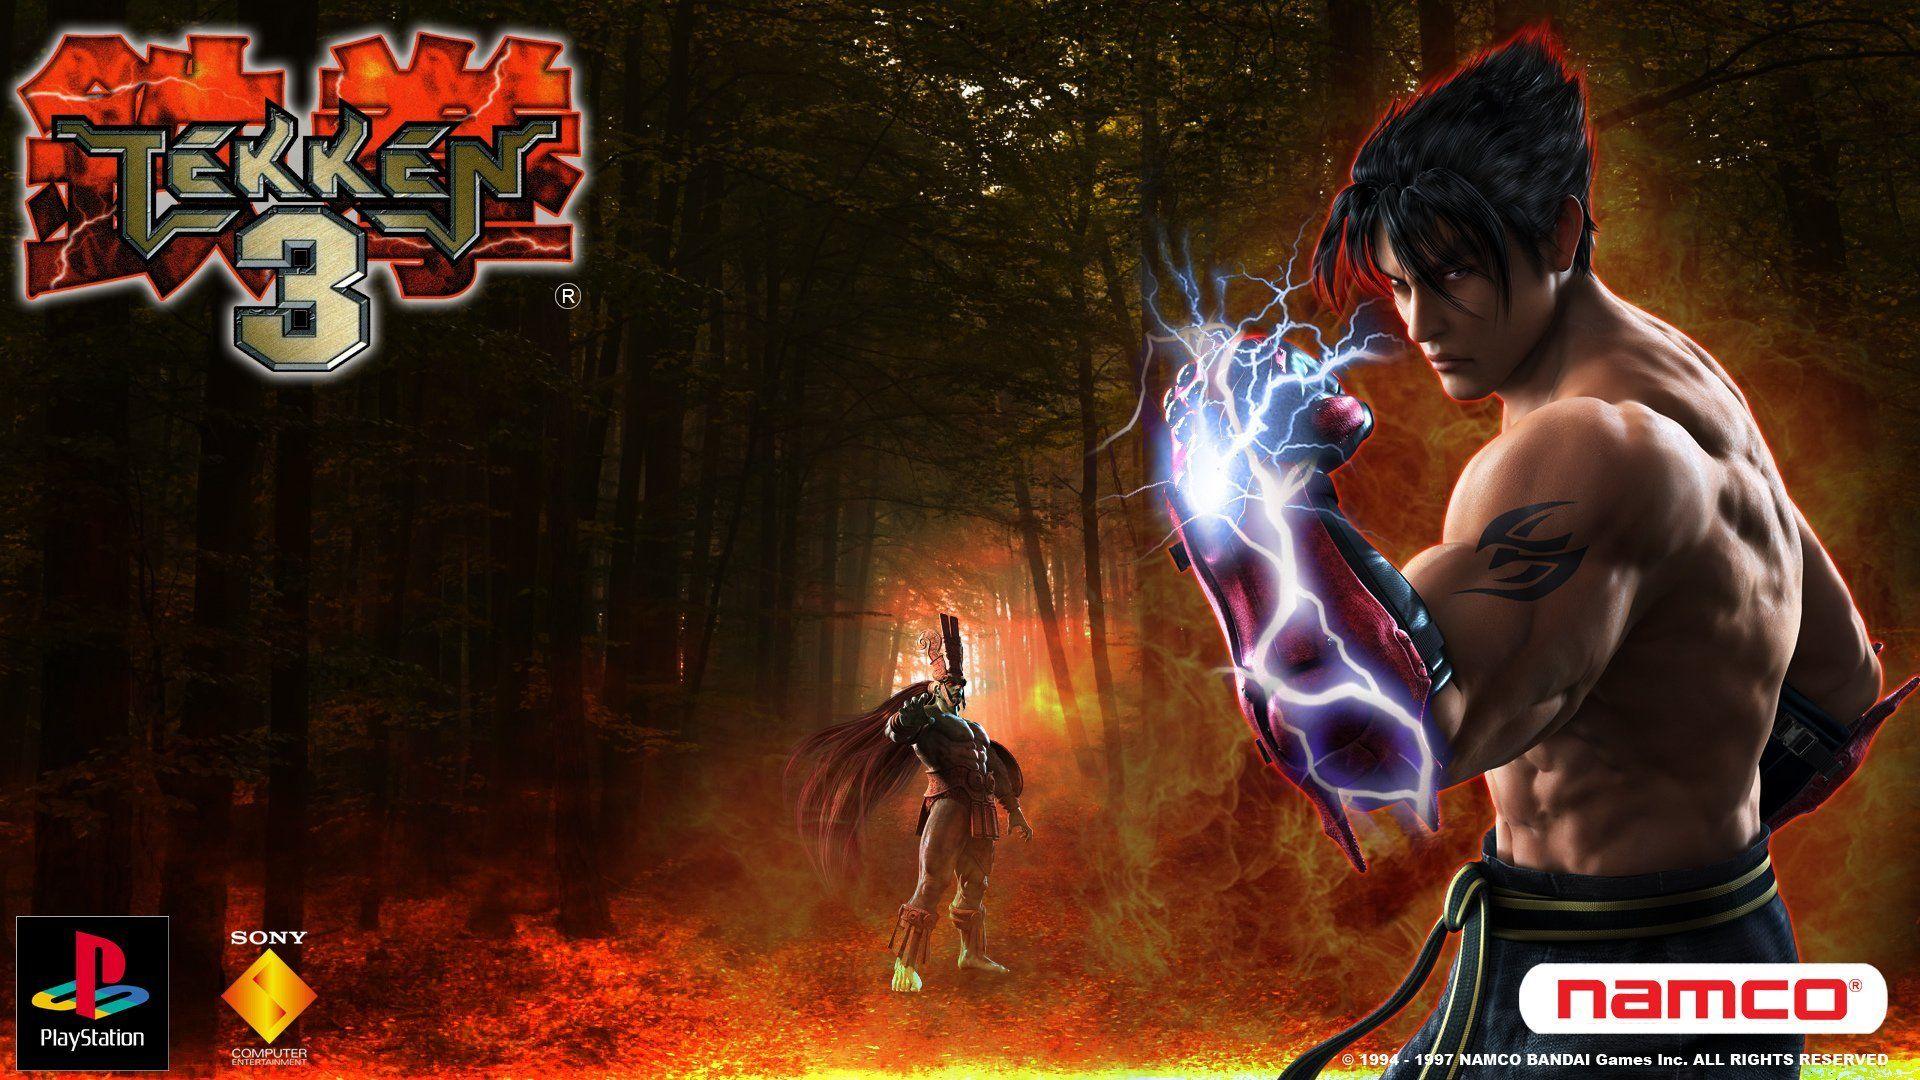 ⭐ Tekken 3 apk uptodown | Tekken Card Tournament 3 422 for Android